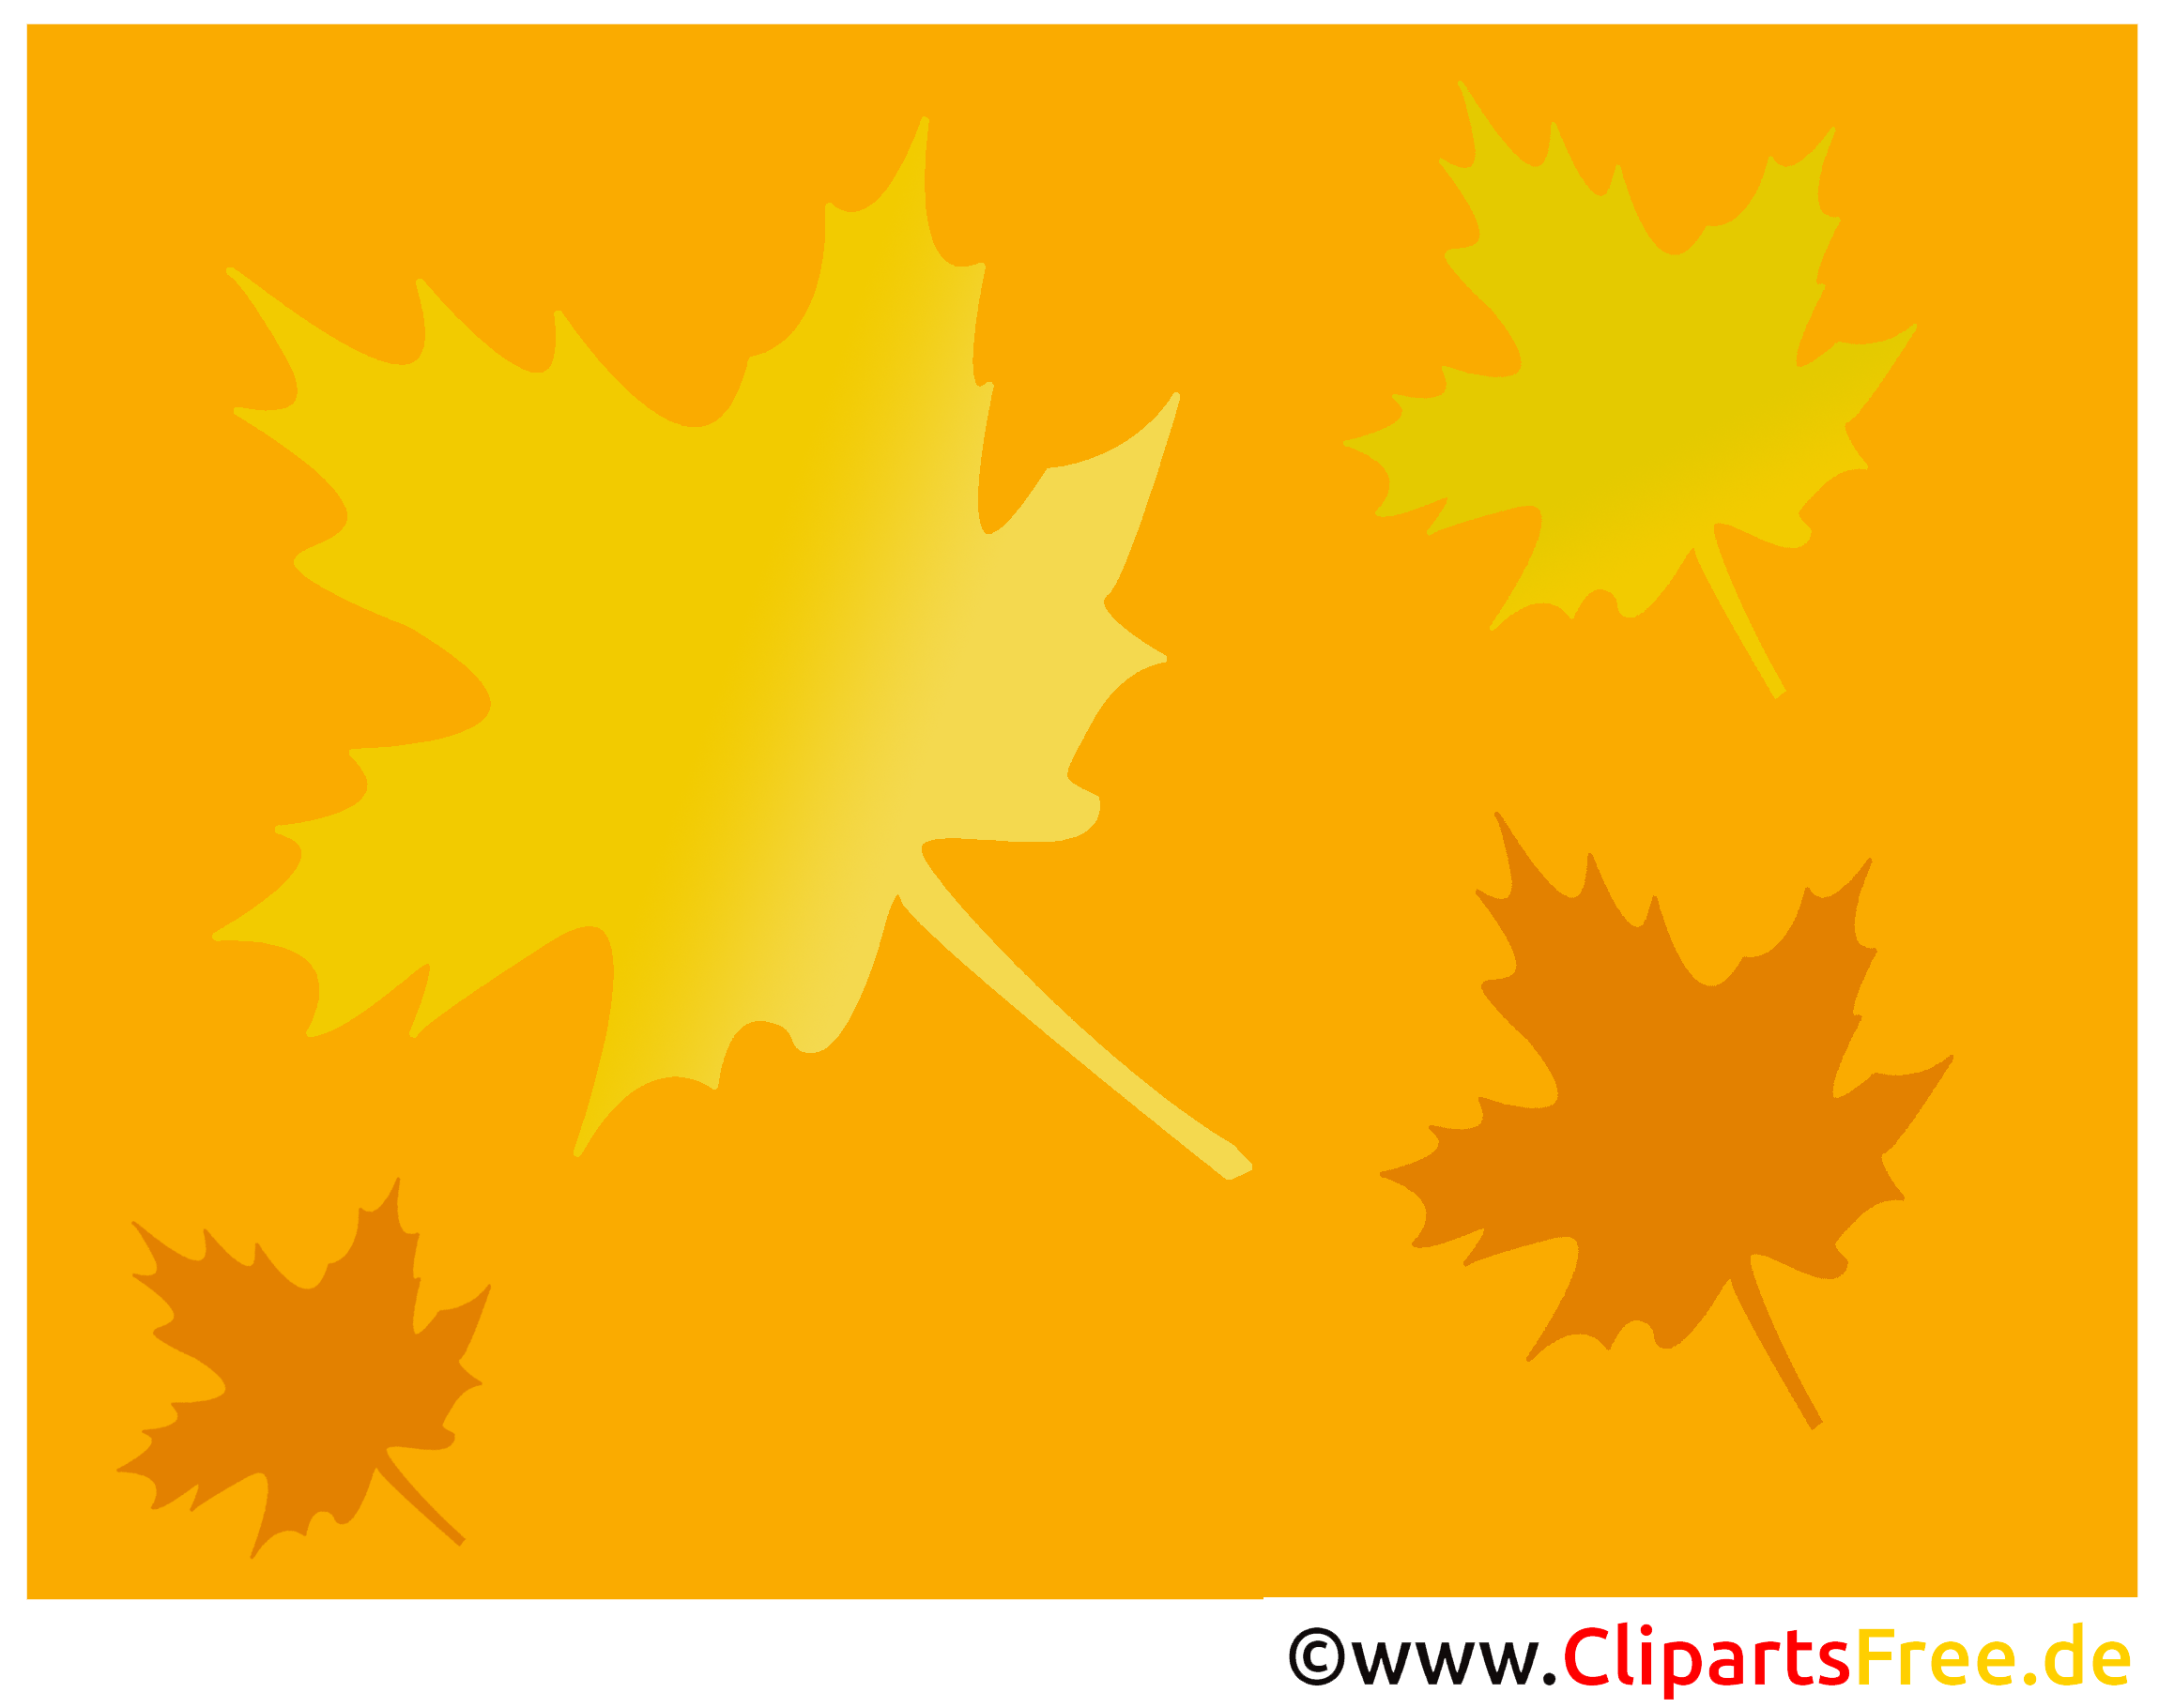 Hintergrundbild Herbst Ahornblätter herunterladen und mit Html in ...